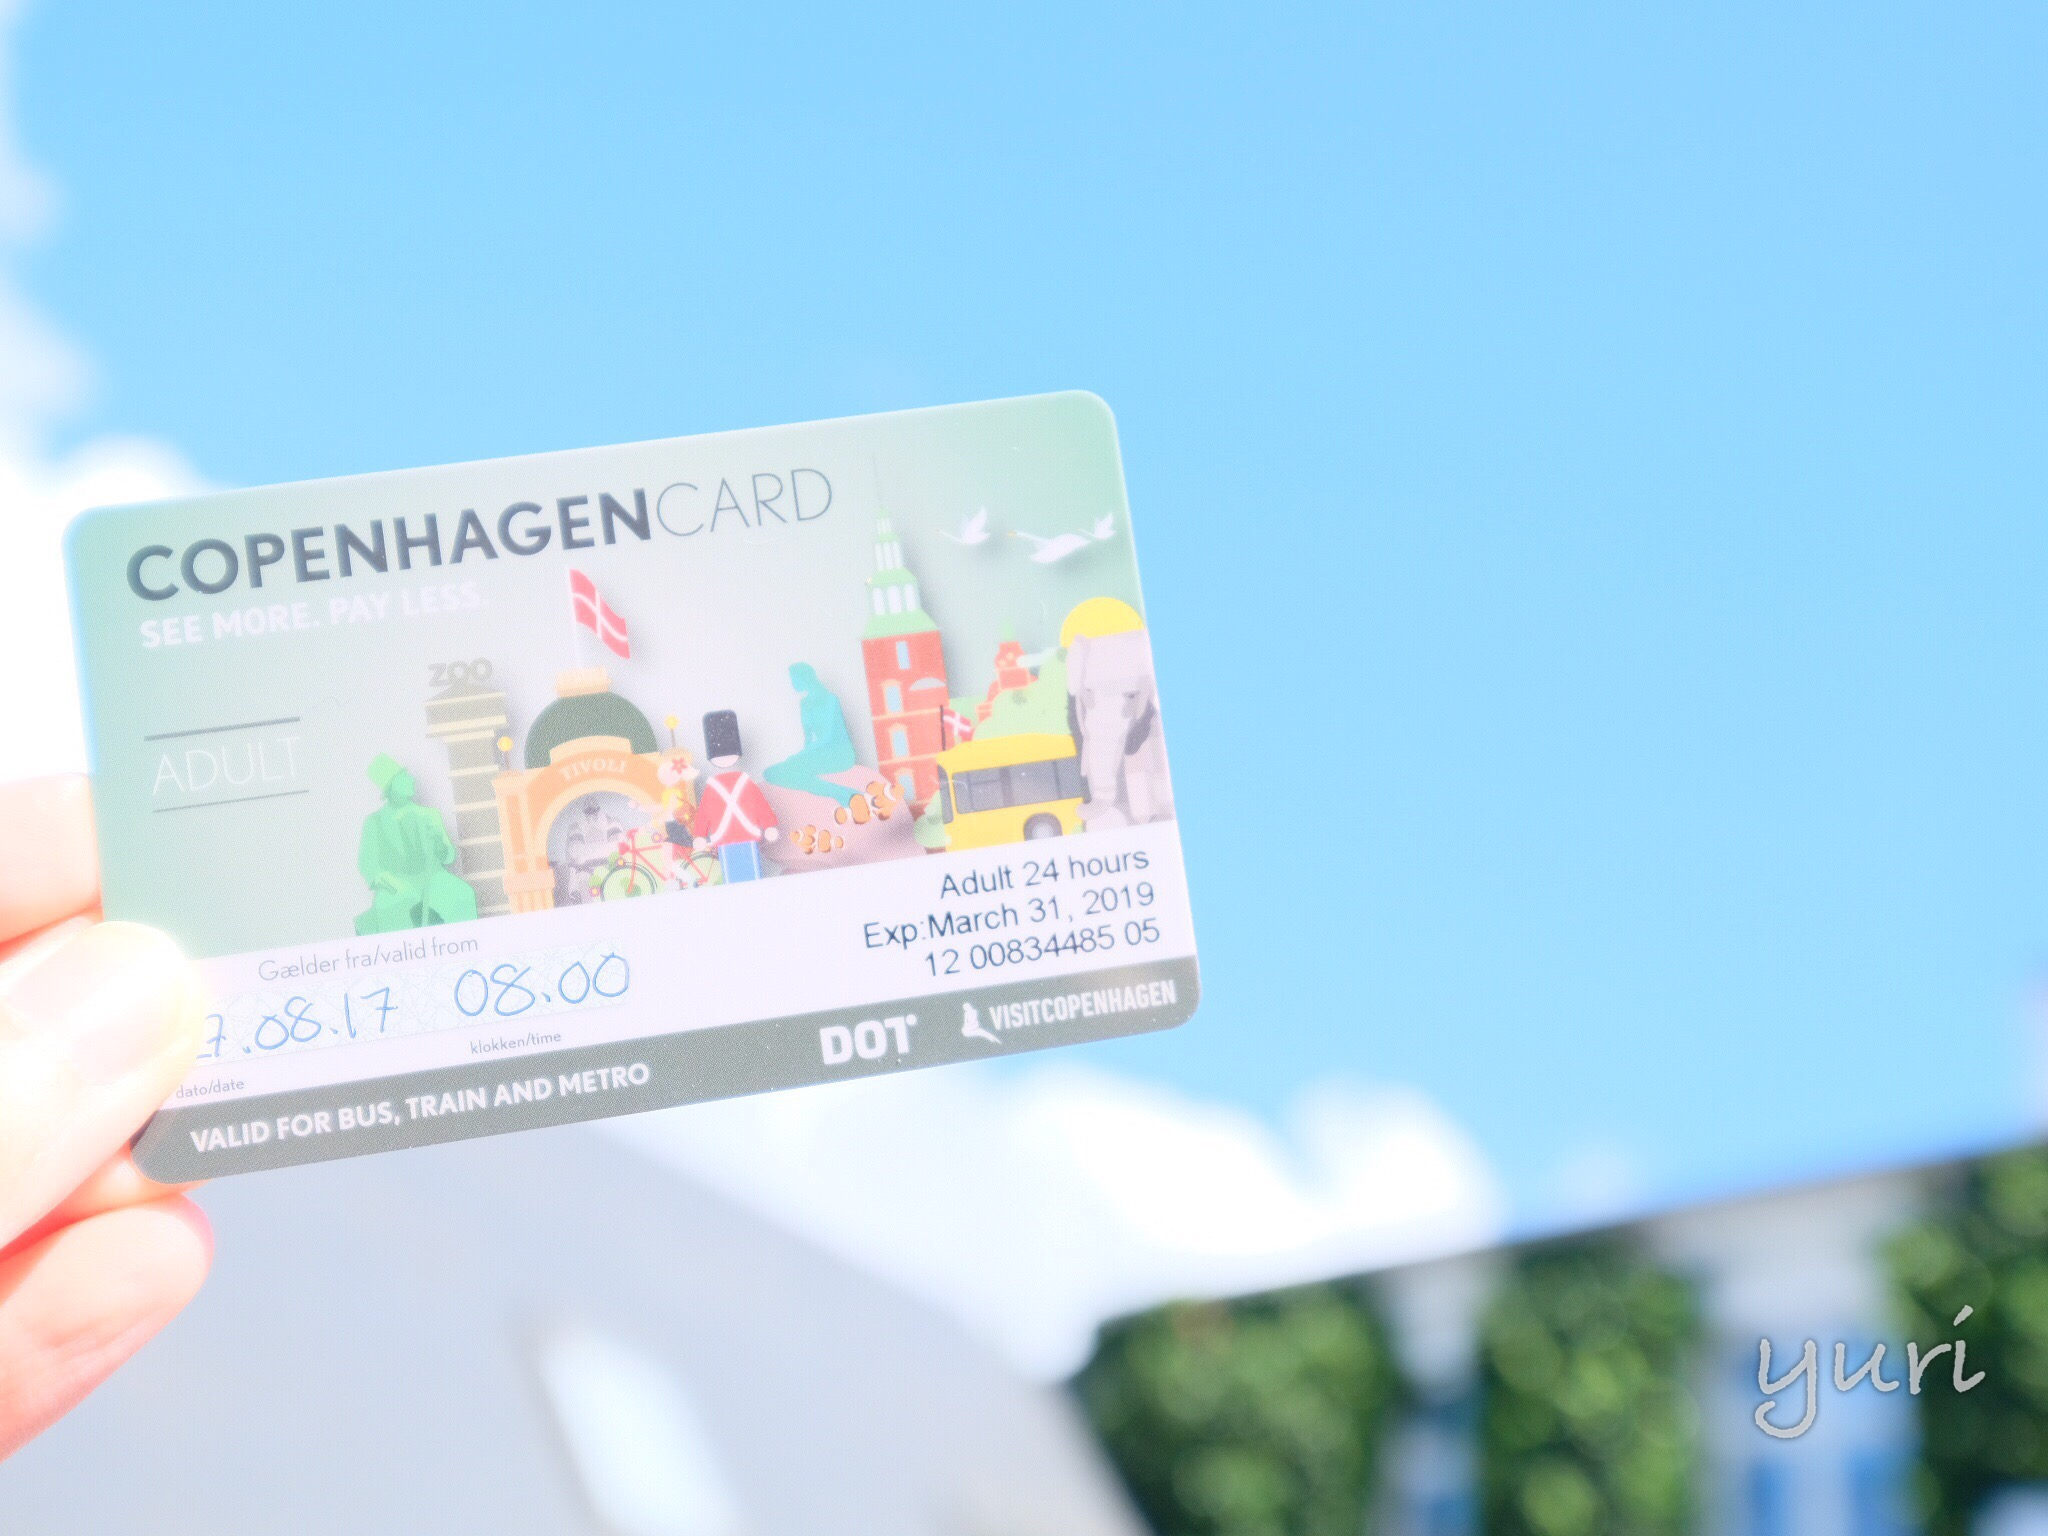 絶対買うべき!デンマーク旅で必要なコペンハーゲンカード